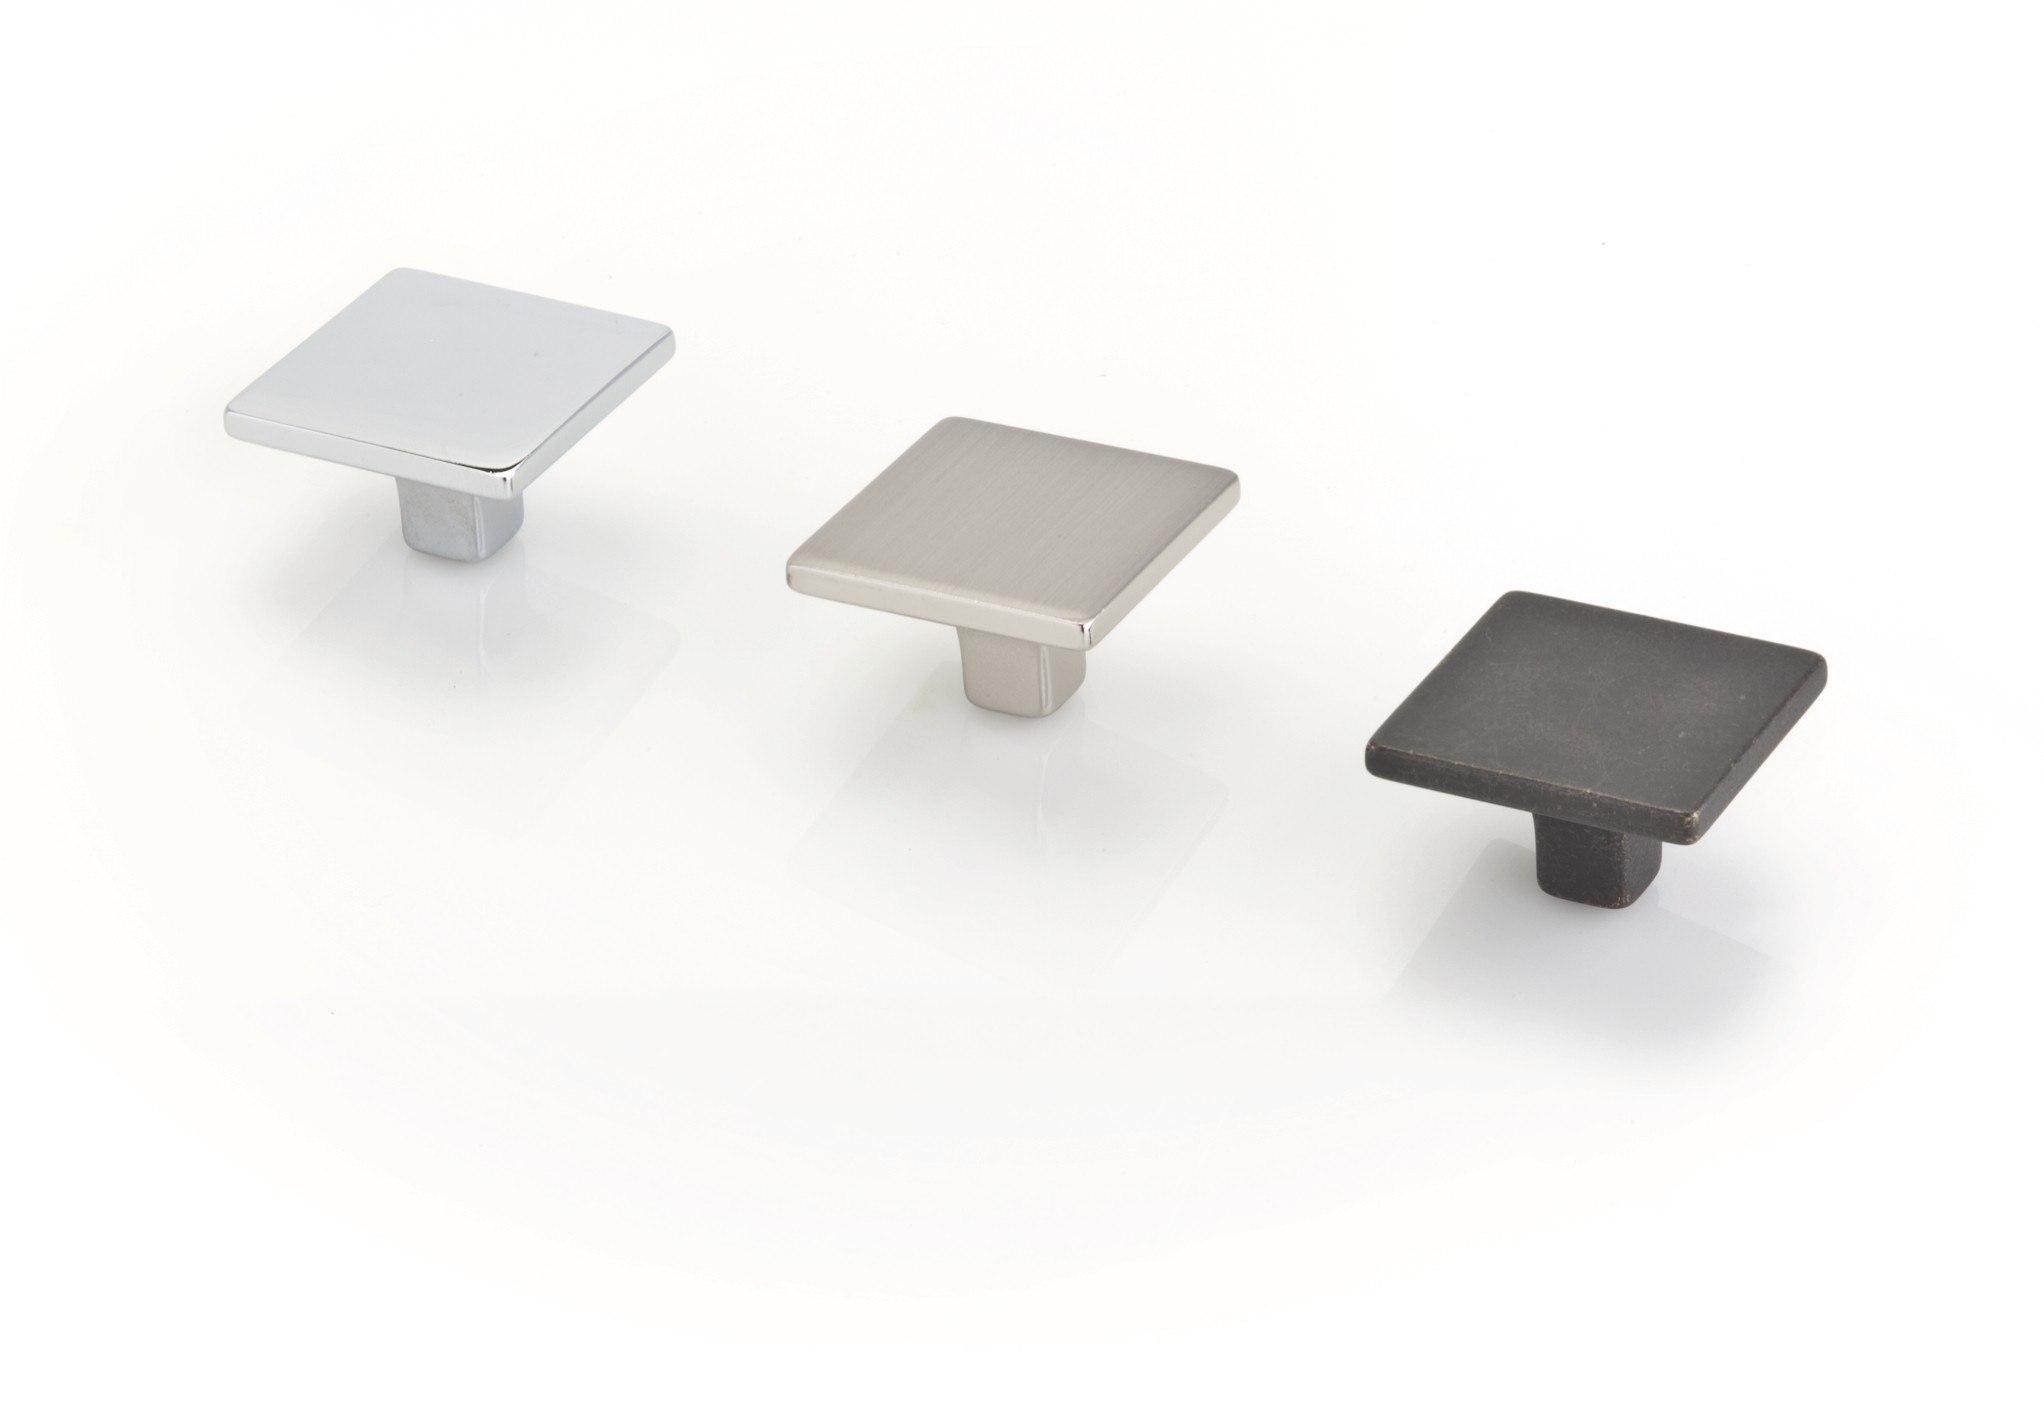 Topex 1081735C40 Small Square Knob 1 3/8 Inches Bright Chrome